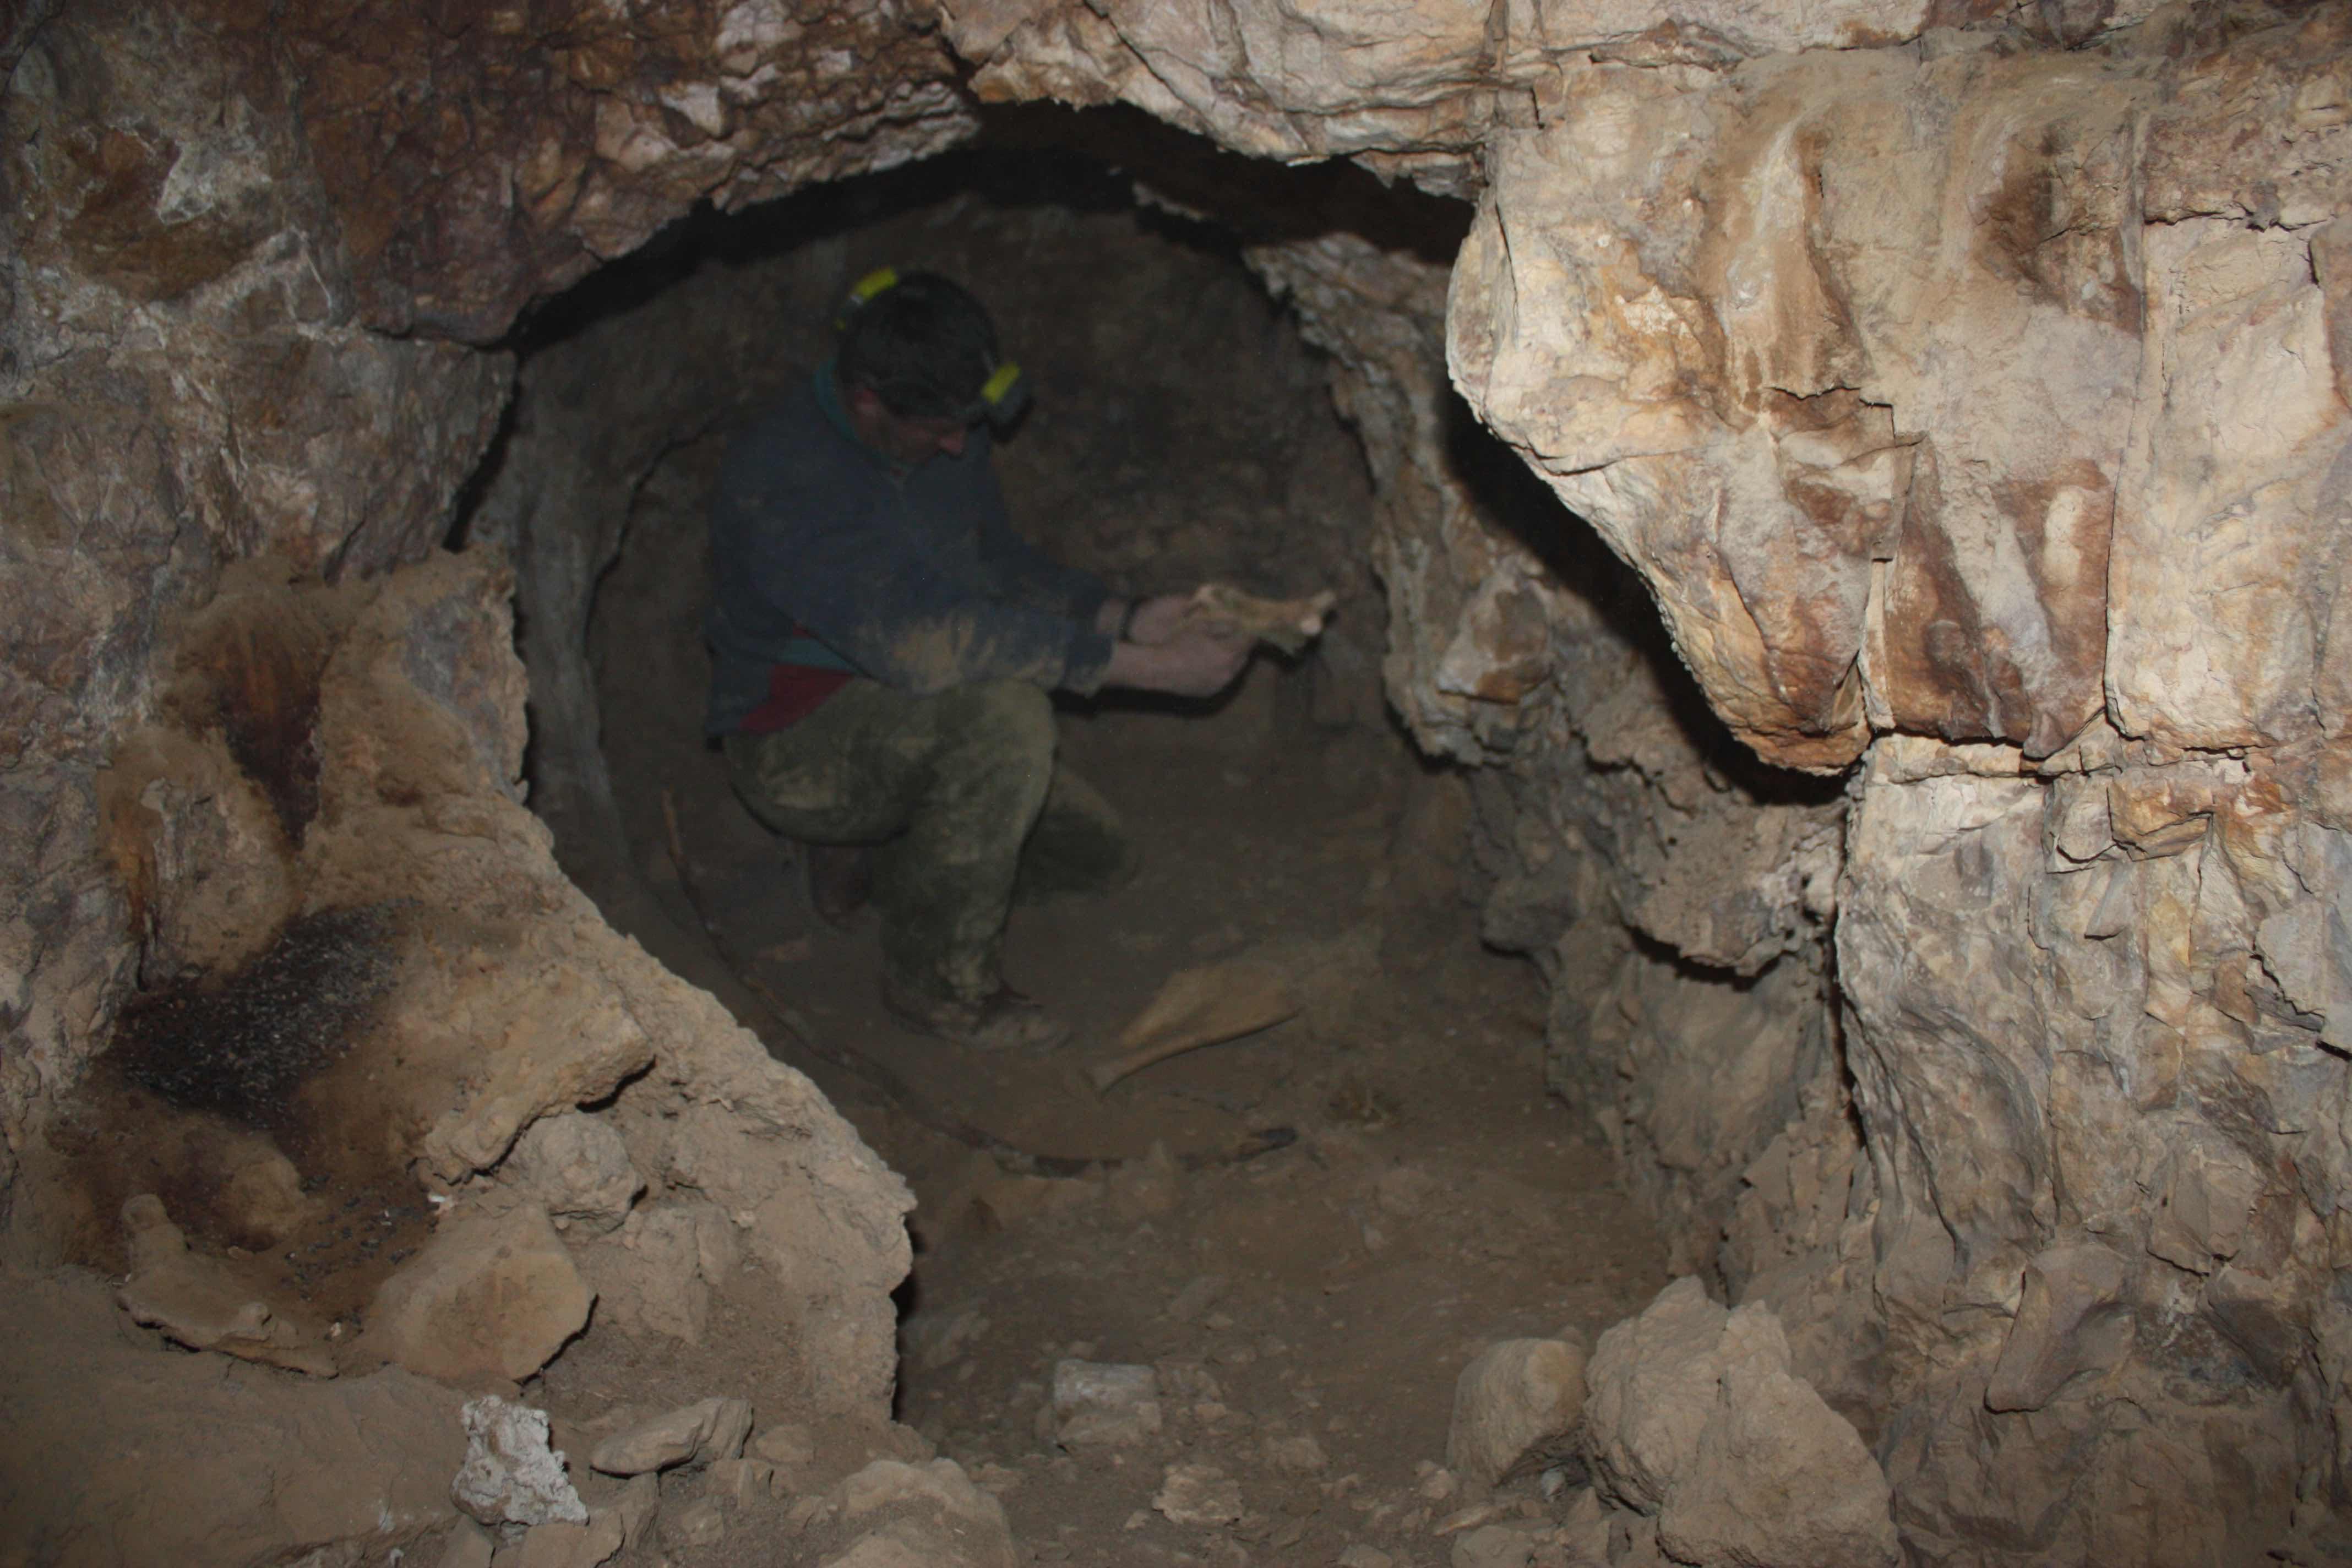 חלל מעוגל בחלקה הפנימי במערה